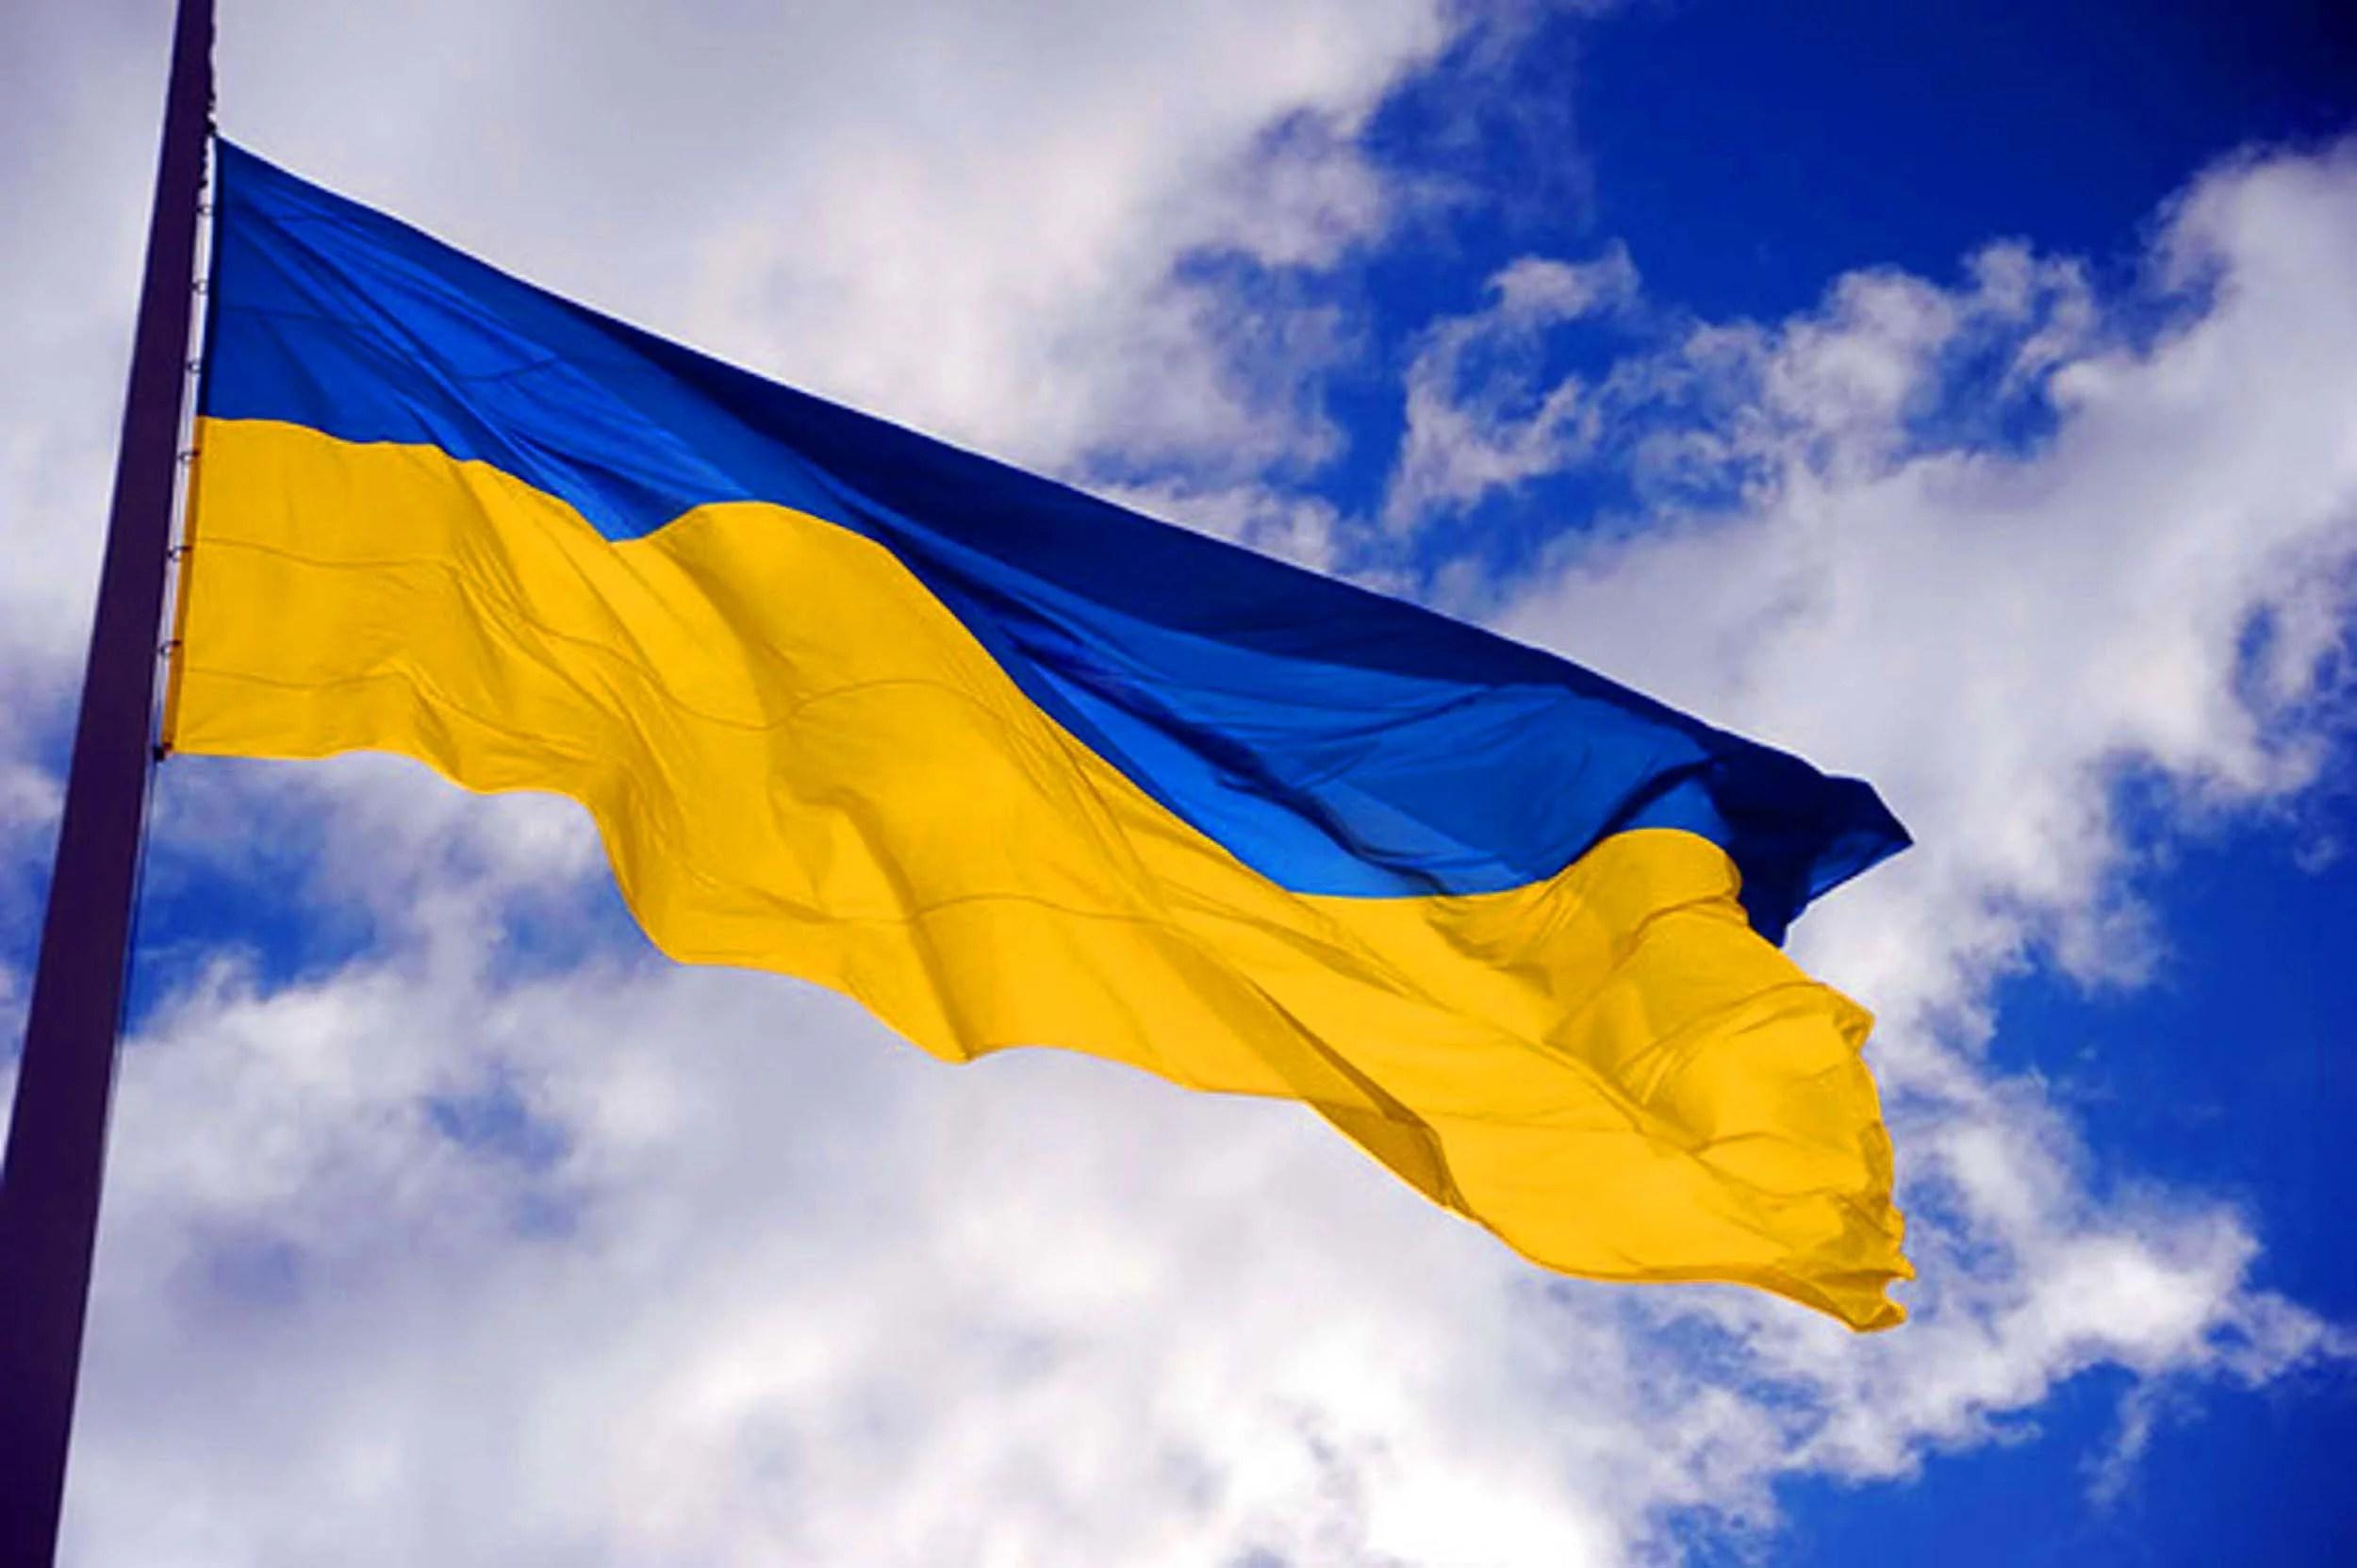 En Ucrania, un ministro tiene planes de legalizar las criptomonedas en el país